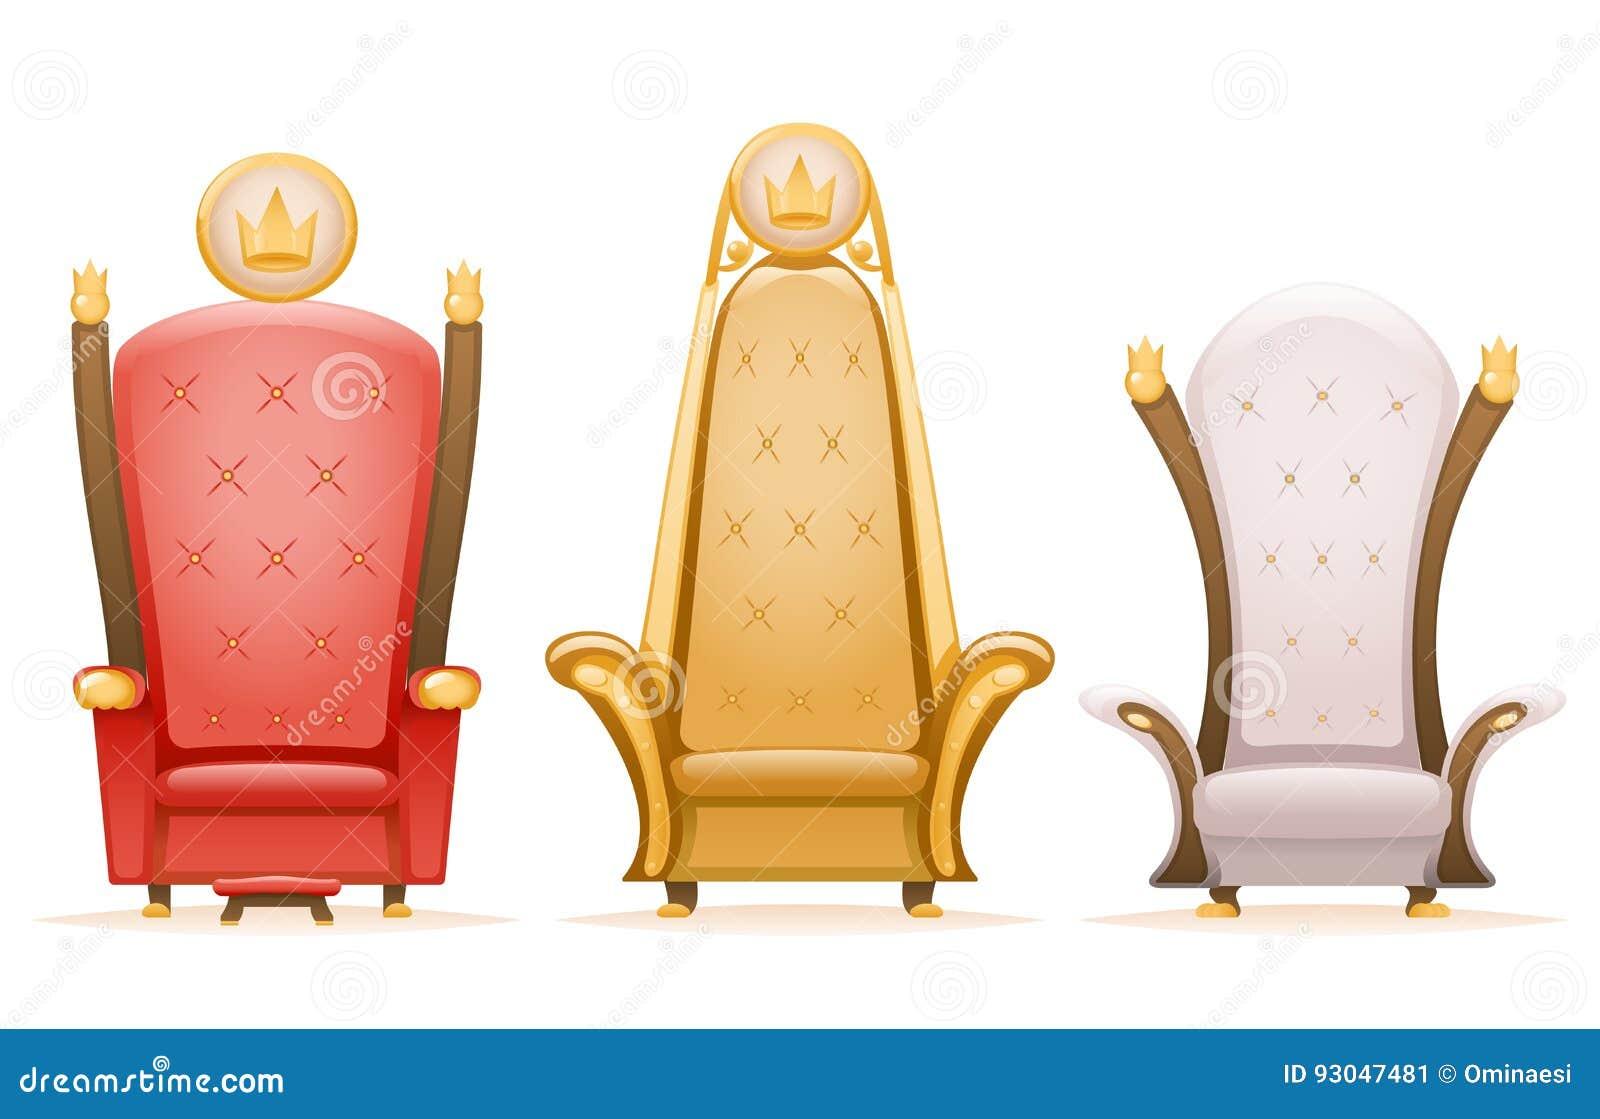 Królewska tronowa królewiątko władcy bajki karła kreskówka 3d odizolowywał ikona ustawiającą wektorową ilustrację